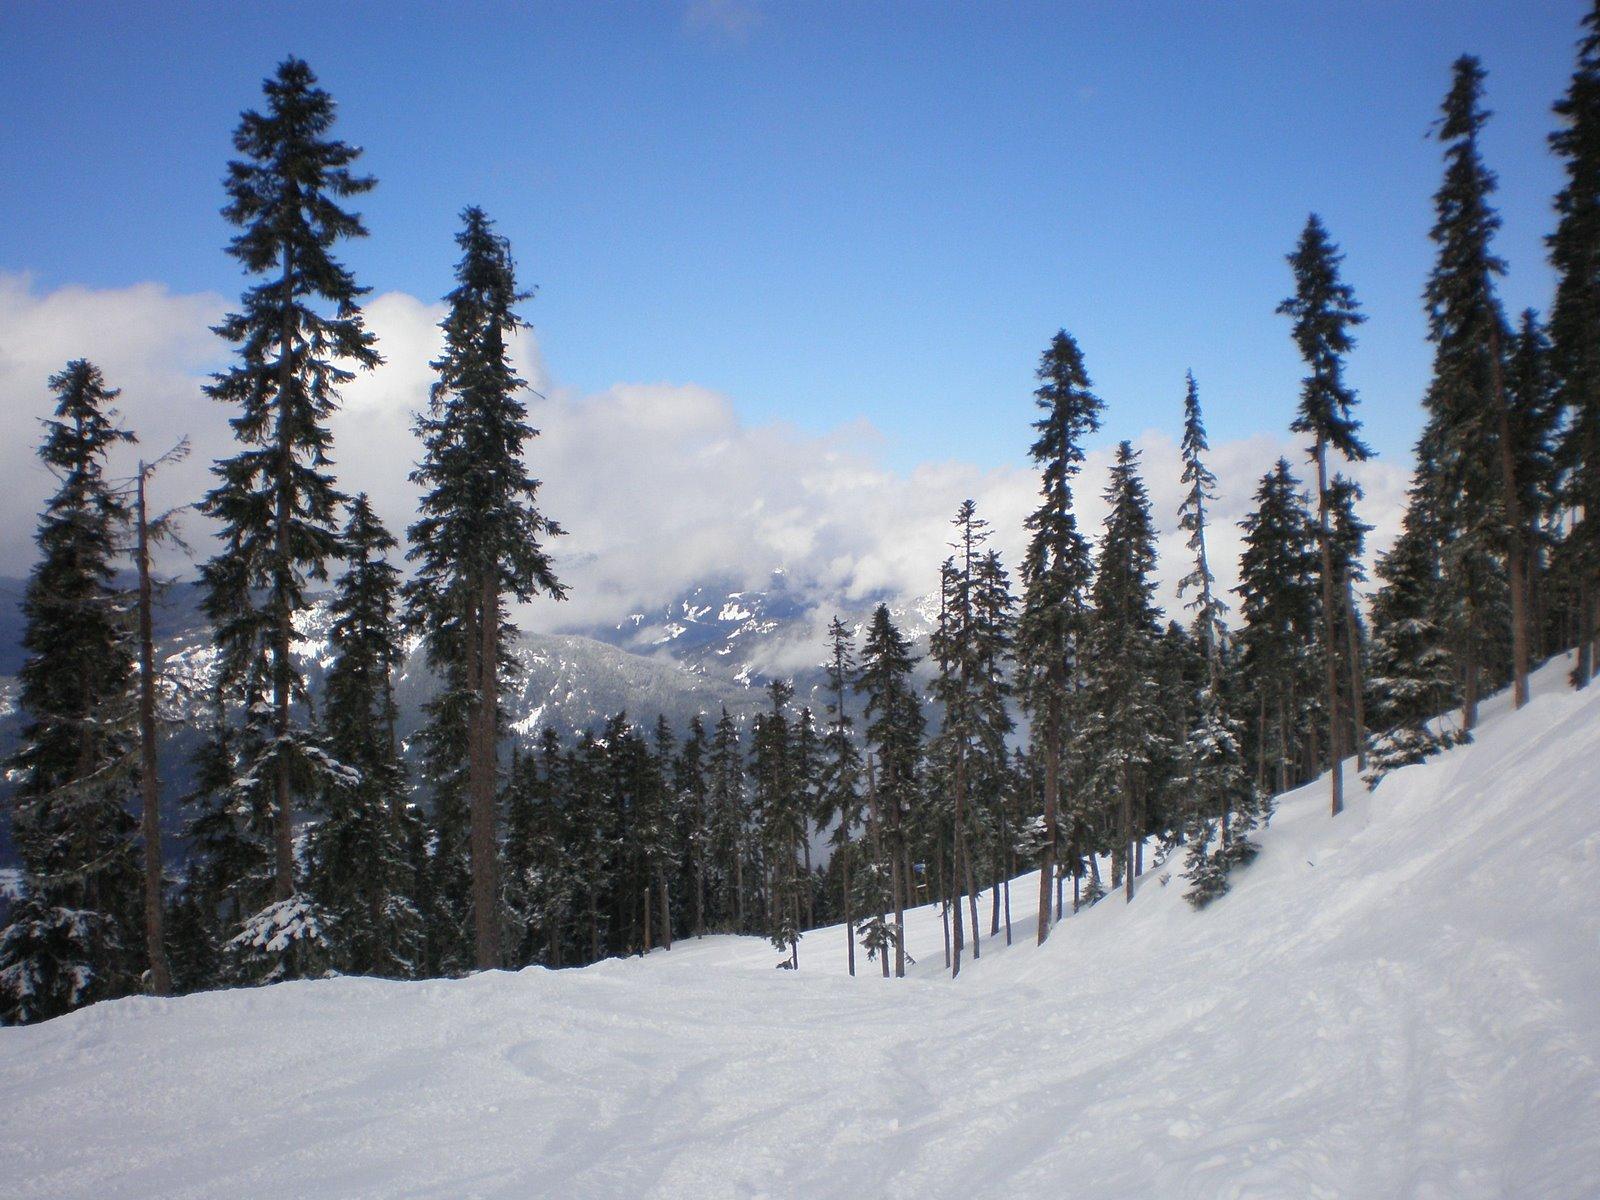 blackcomb mountain, whistler, canada